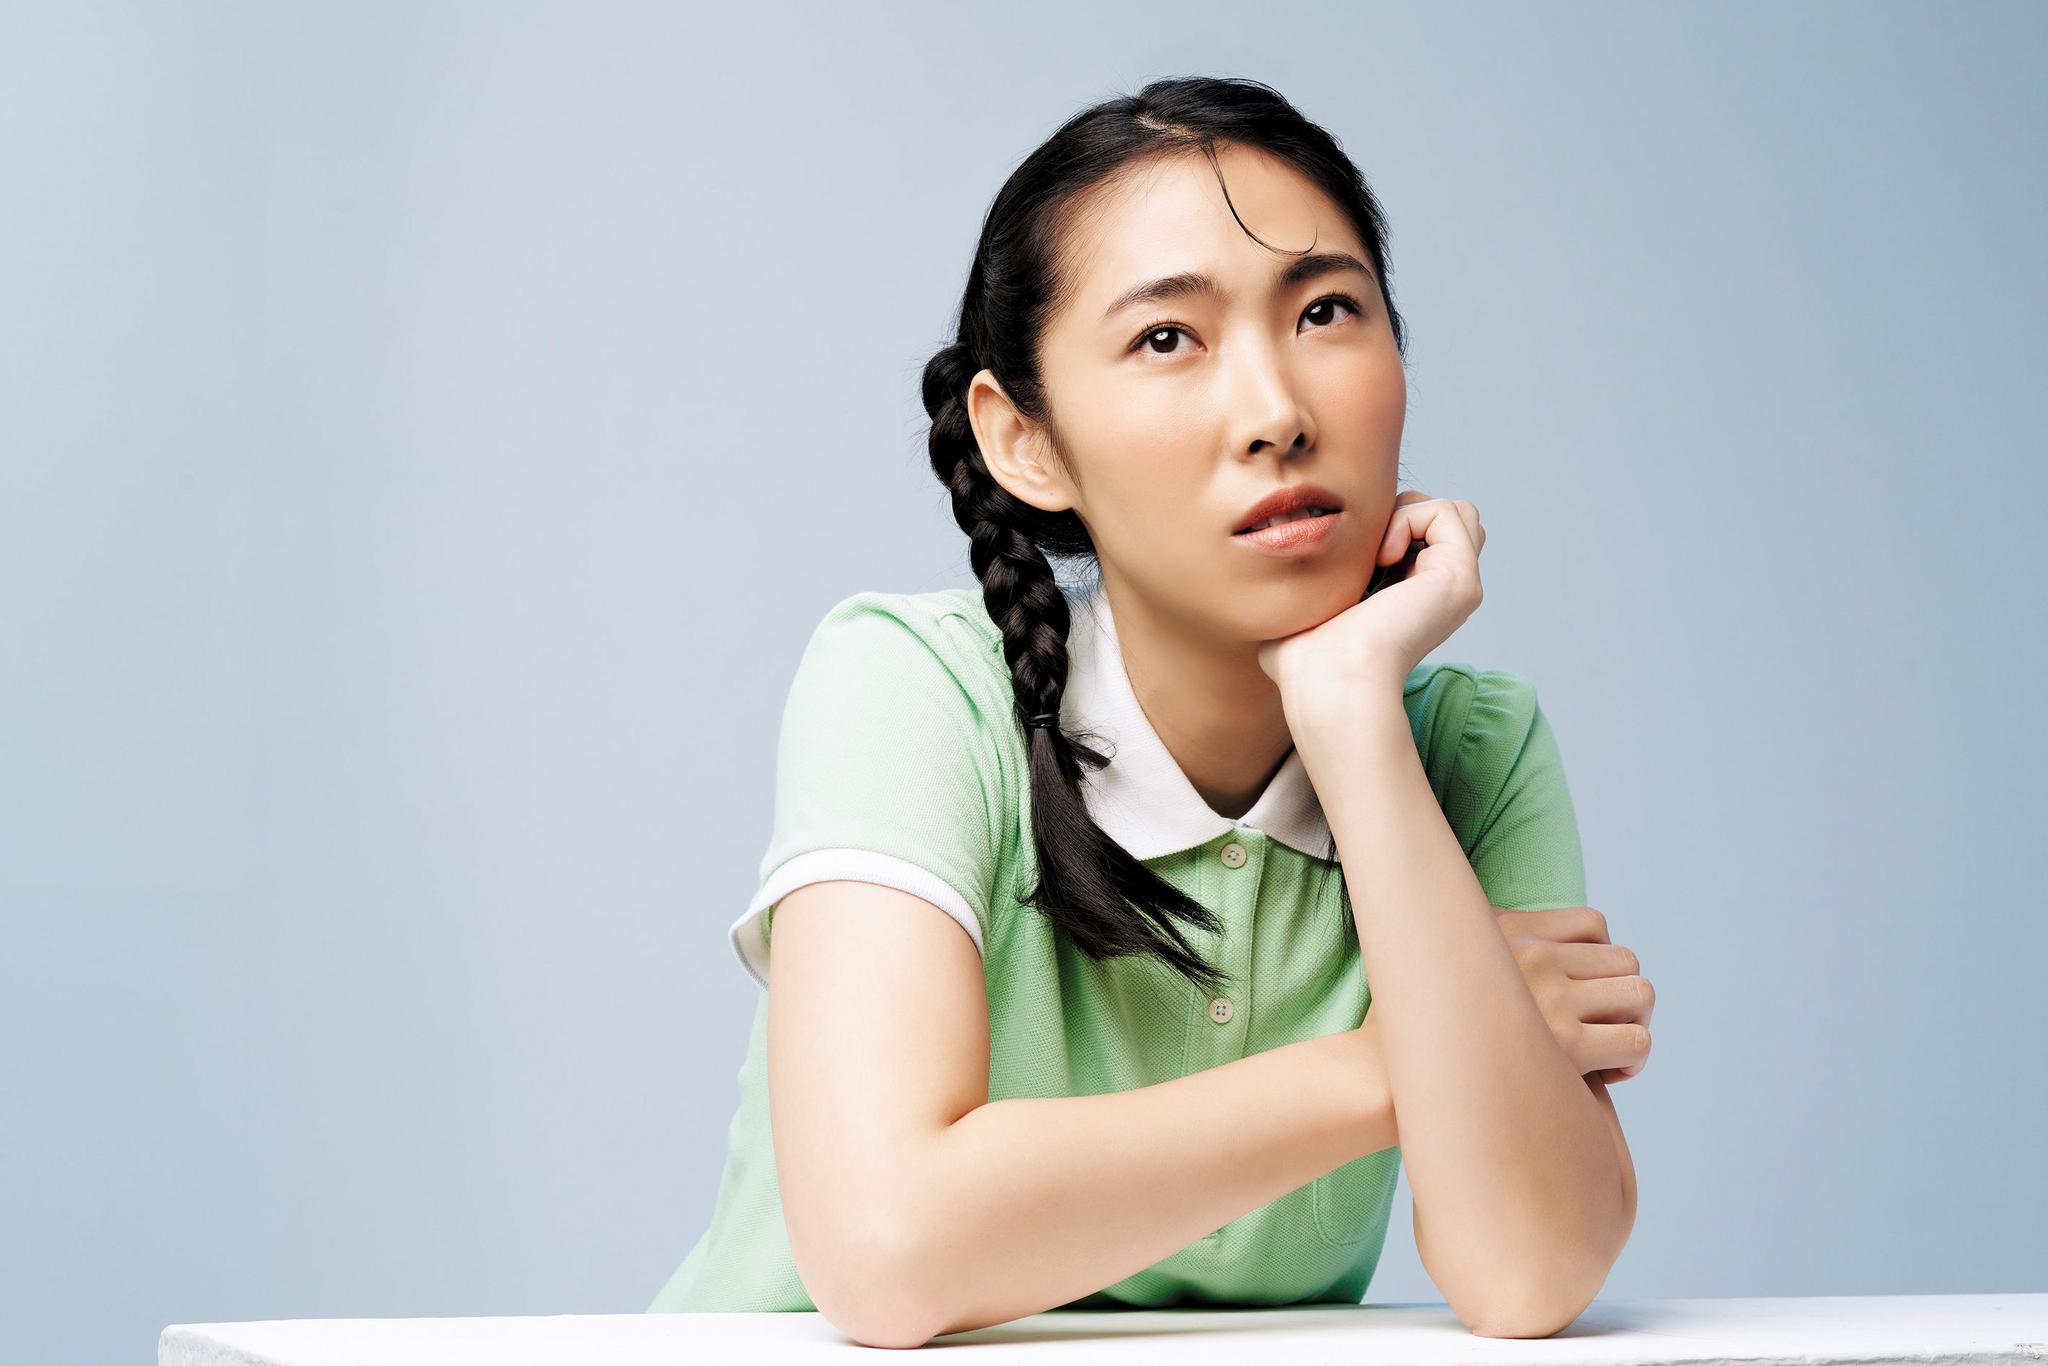 王若琳发行翻唱专辑《爱的呼唤》,呼唤女性的爱恨情愁